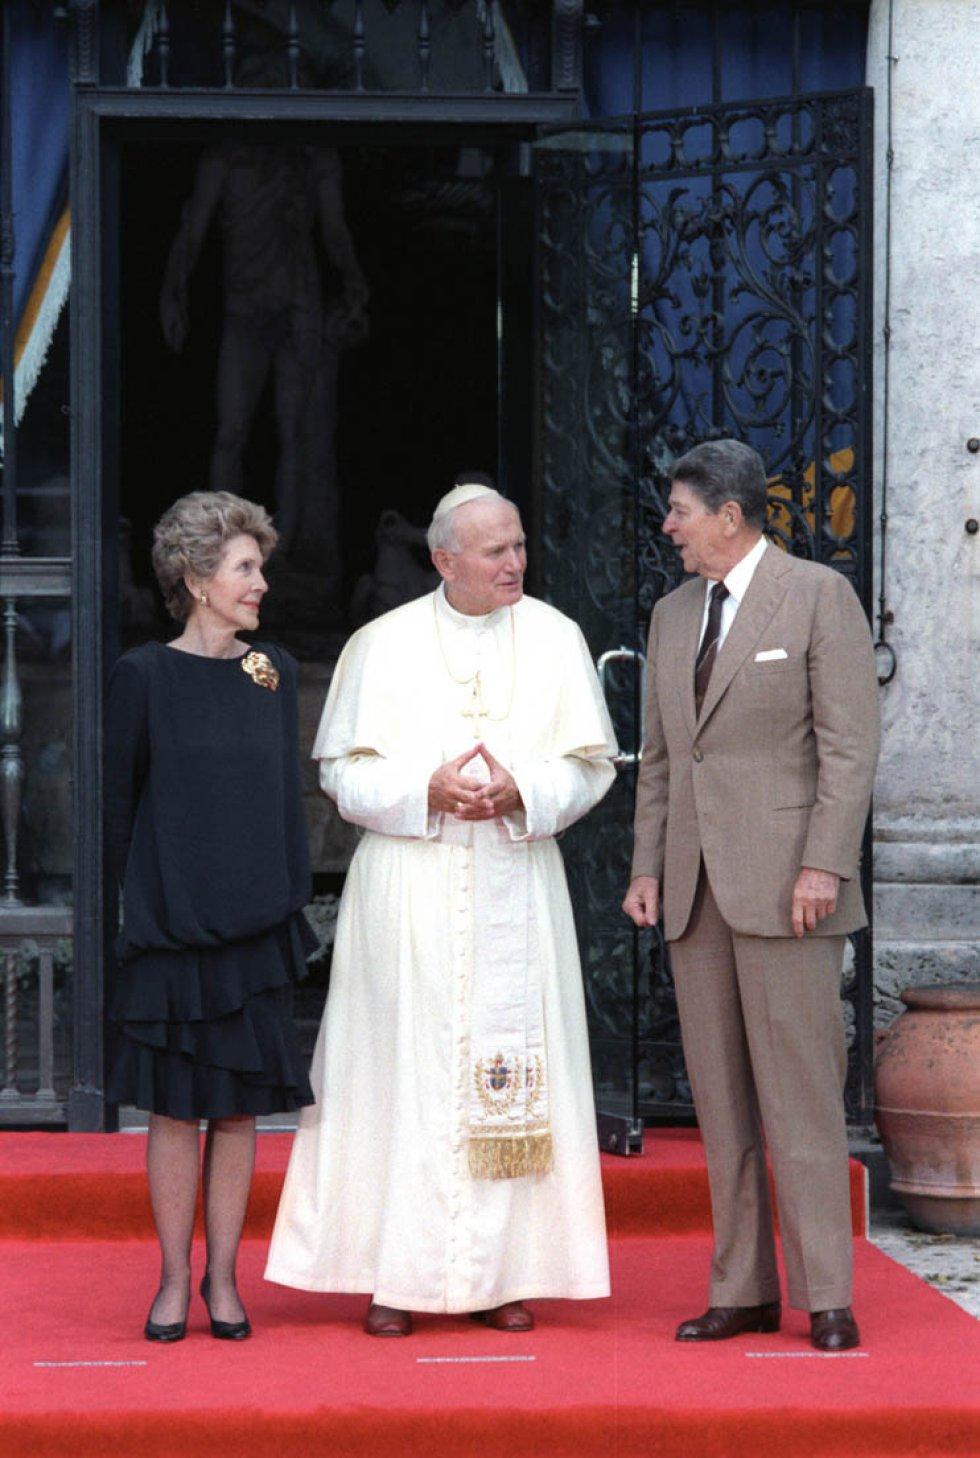 Presidente Reagan y Nancy Reagan hablando con el papa Juan Pablo II / Archivo Biblioteca Presidencial Ronald Reagan